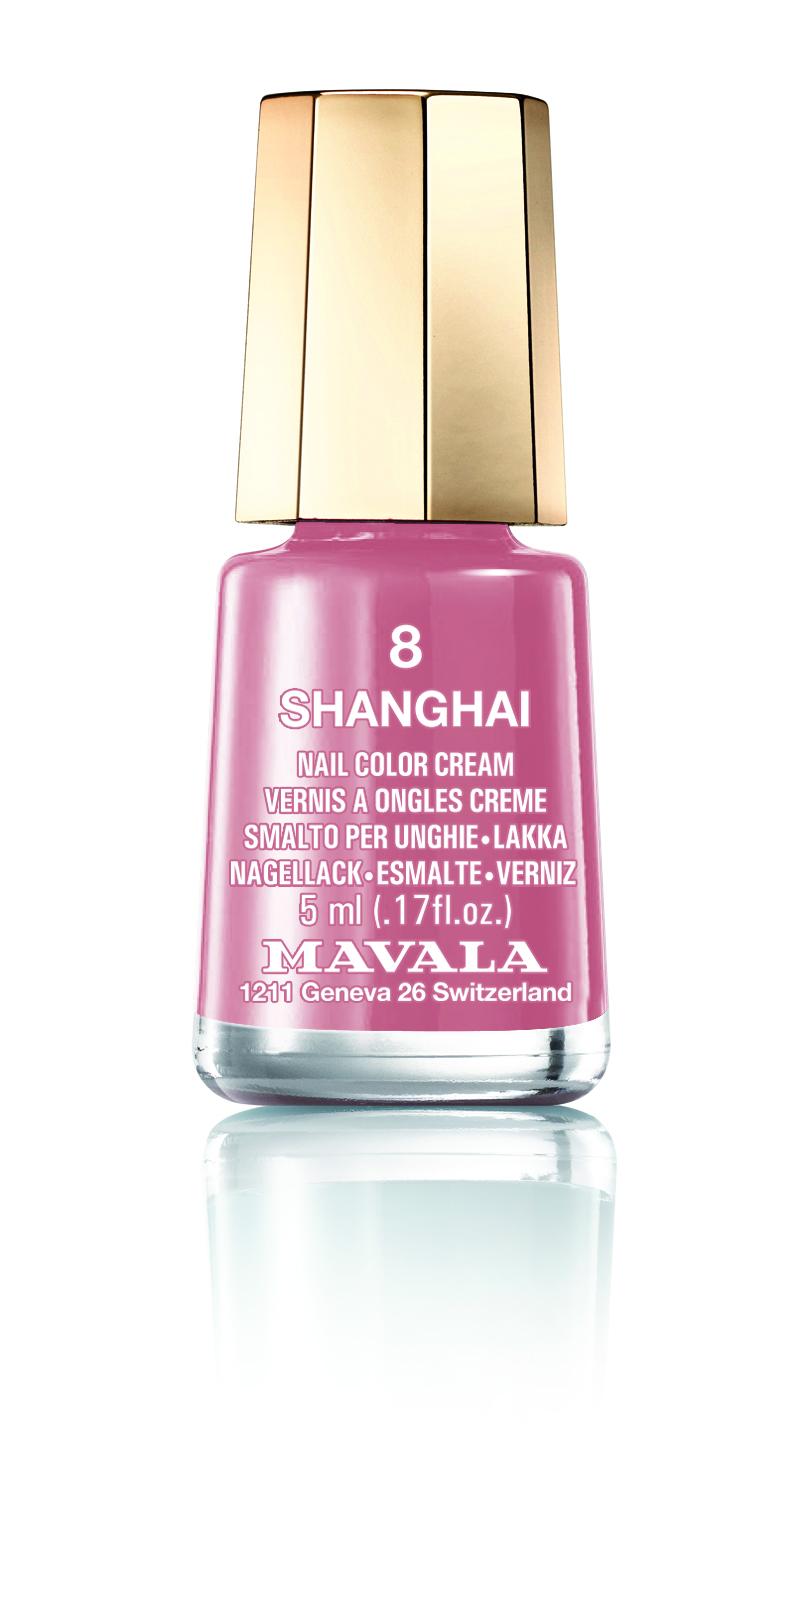 8 SHANGHAI